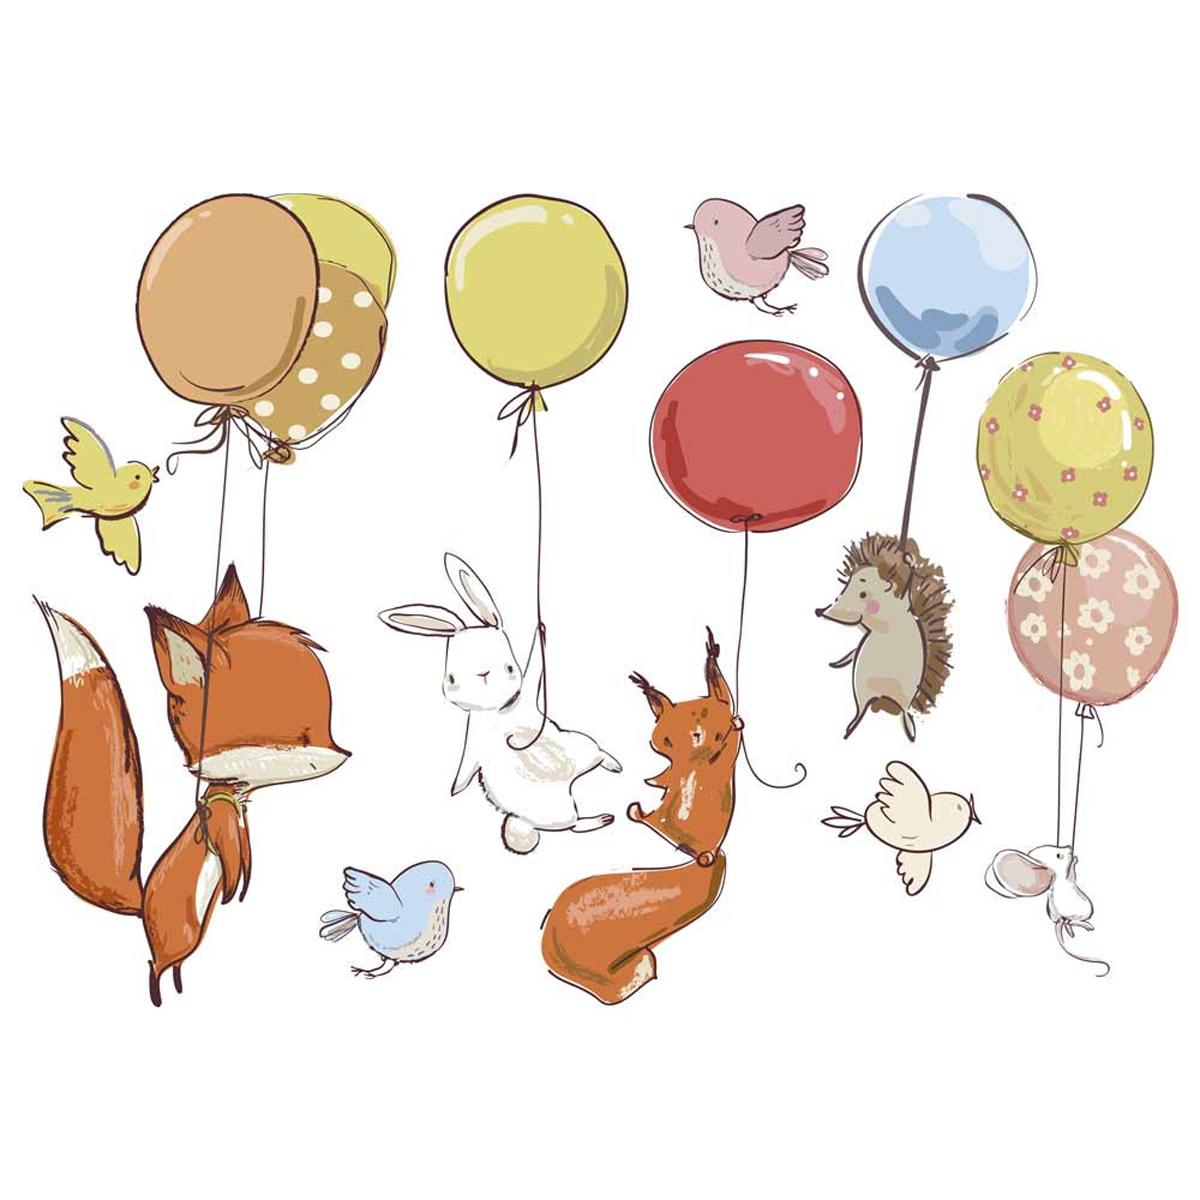 Planche de stickers \'Animaux et Ballons\' multicolore - 50x70 cm - [A1561]